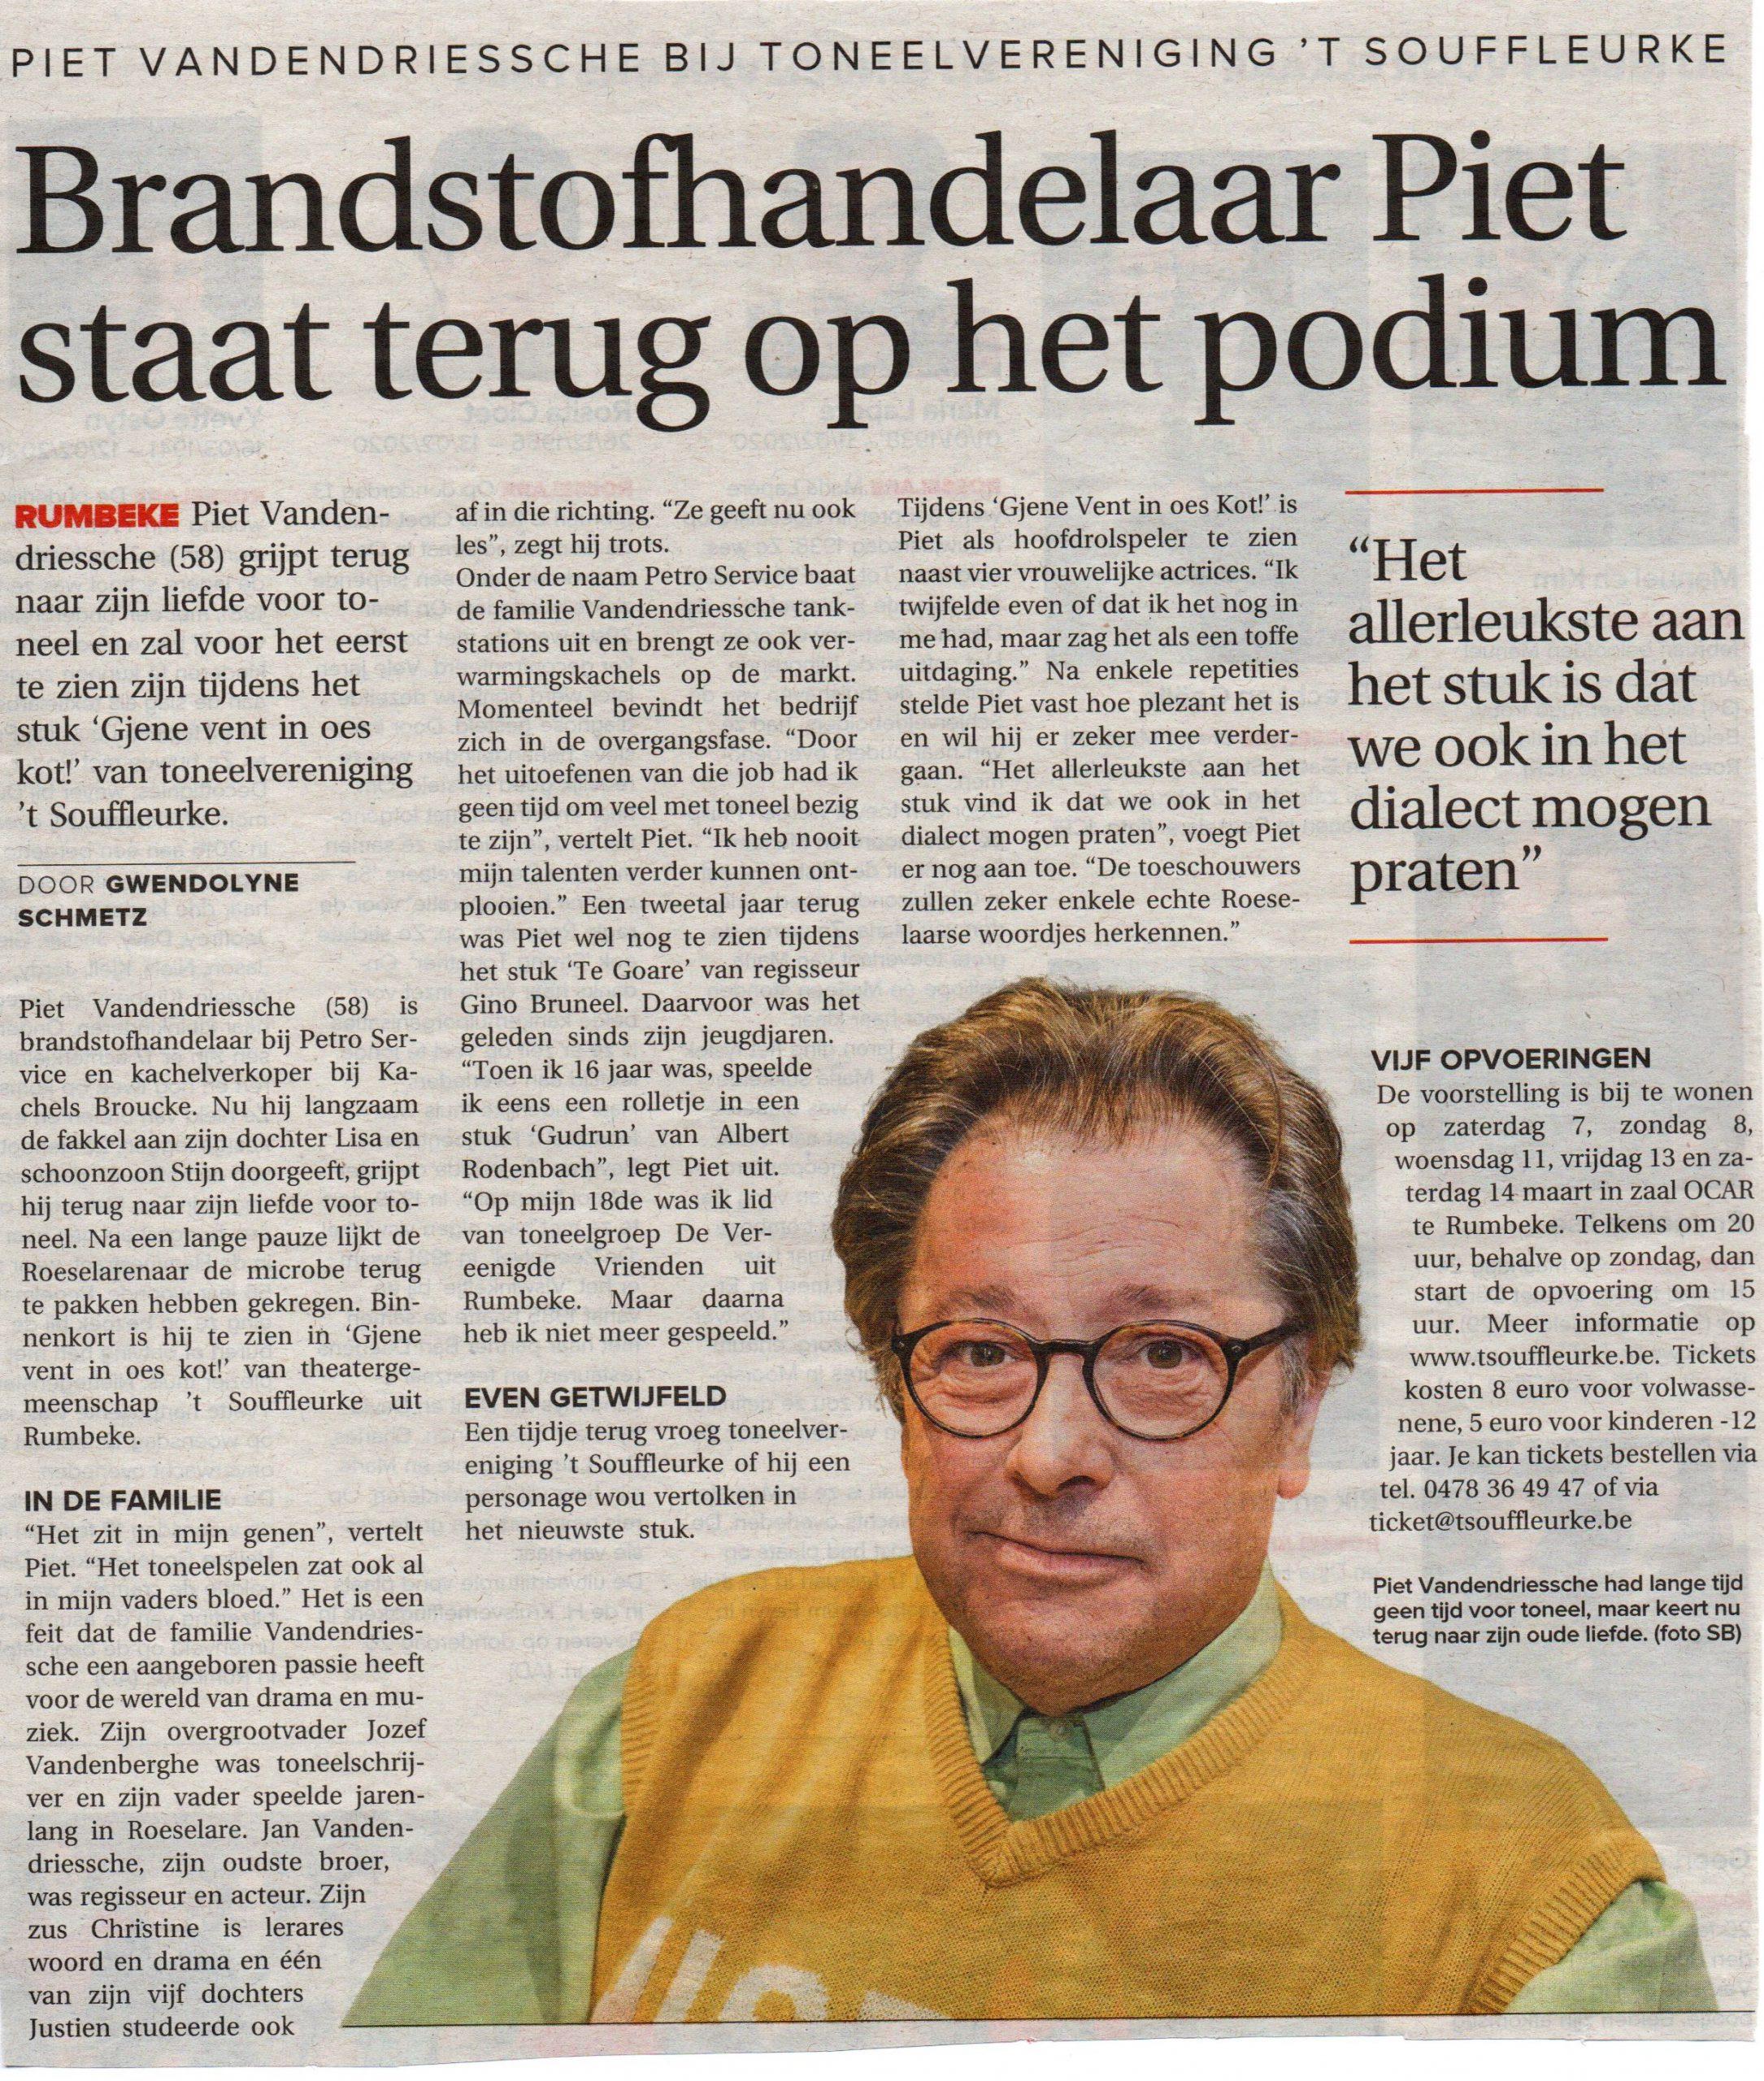 't Souffleurke  - Brandstofhandelaar Piet op de planken - KW Roeselare 2020